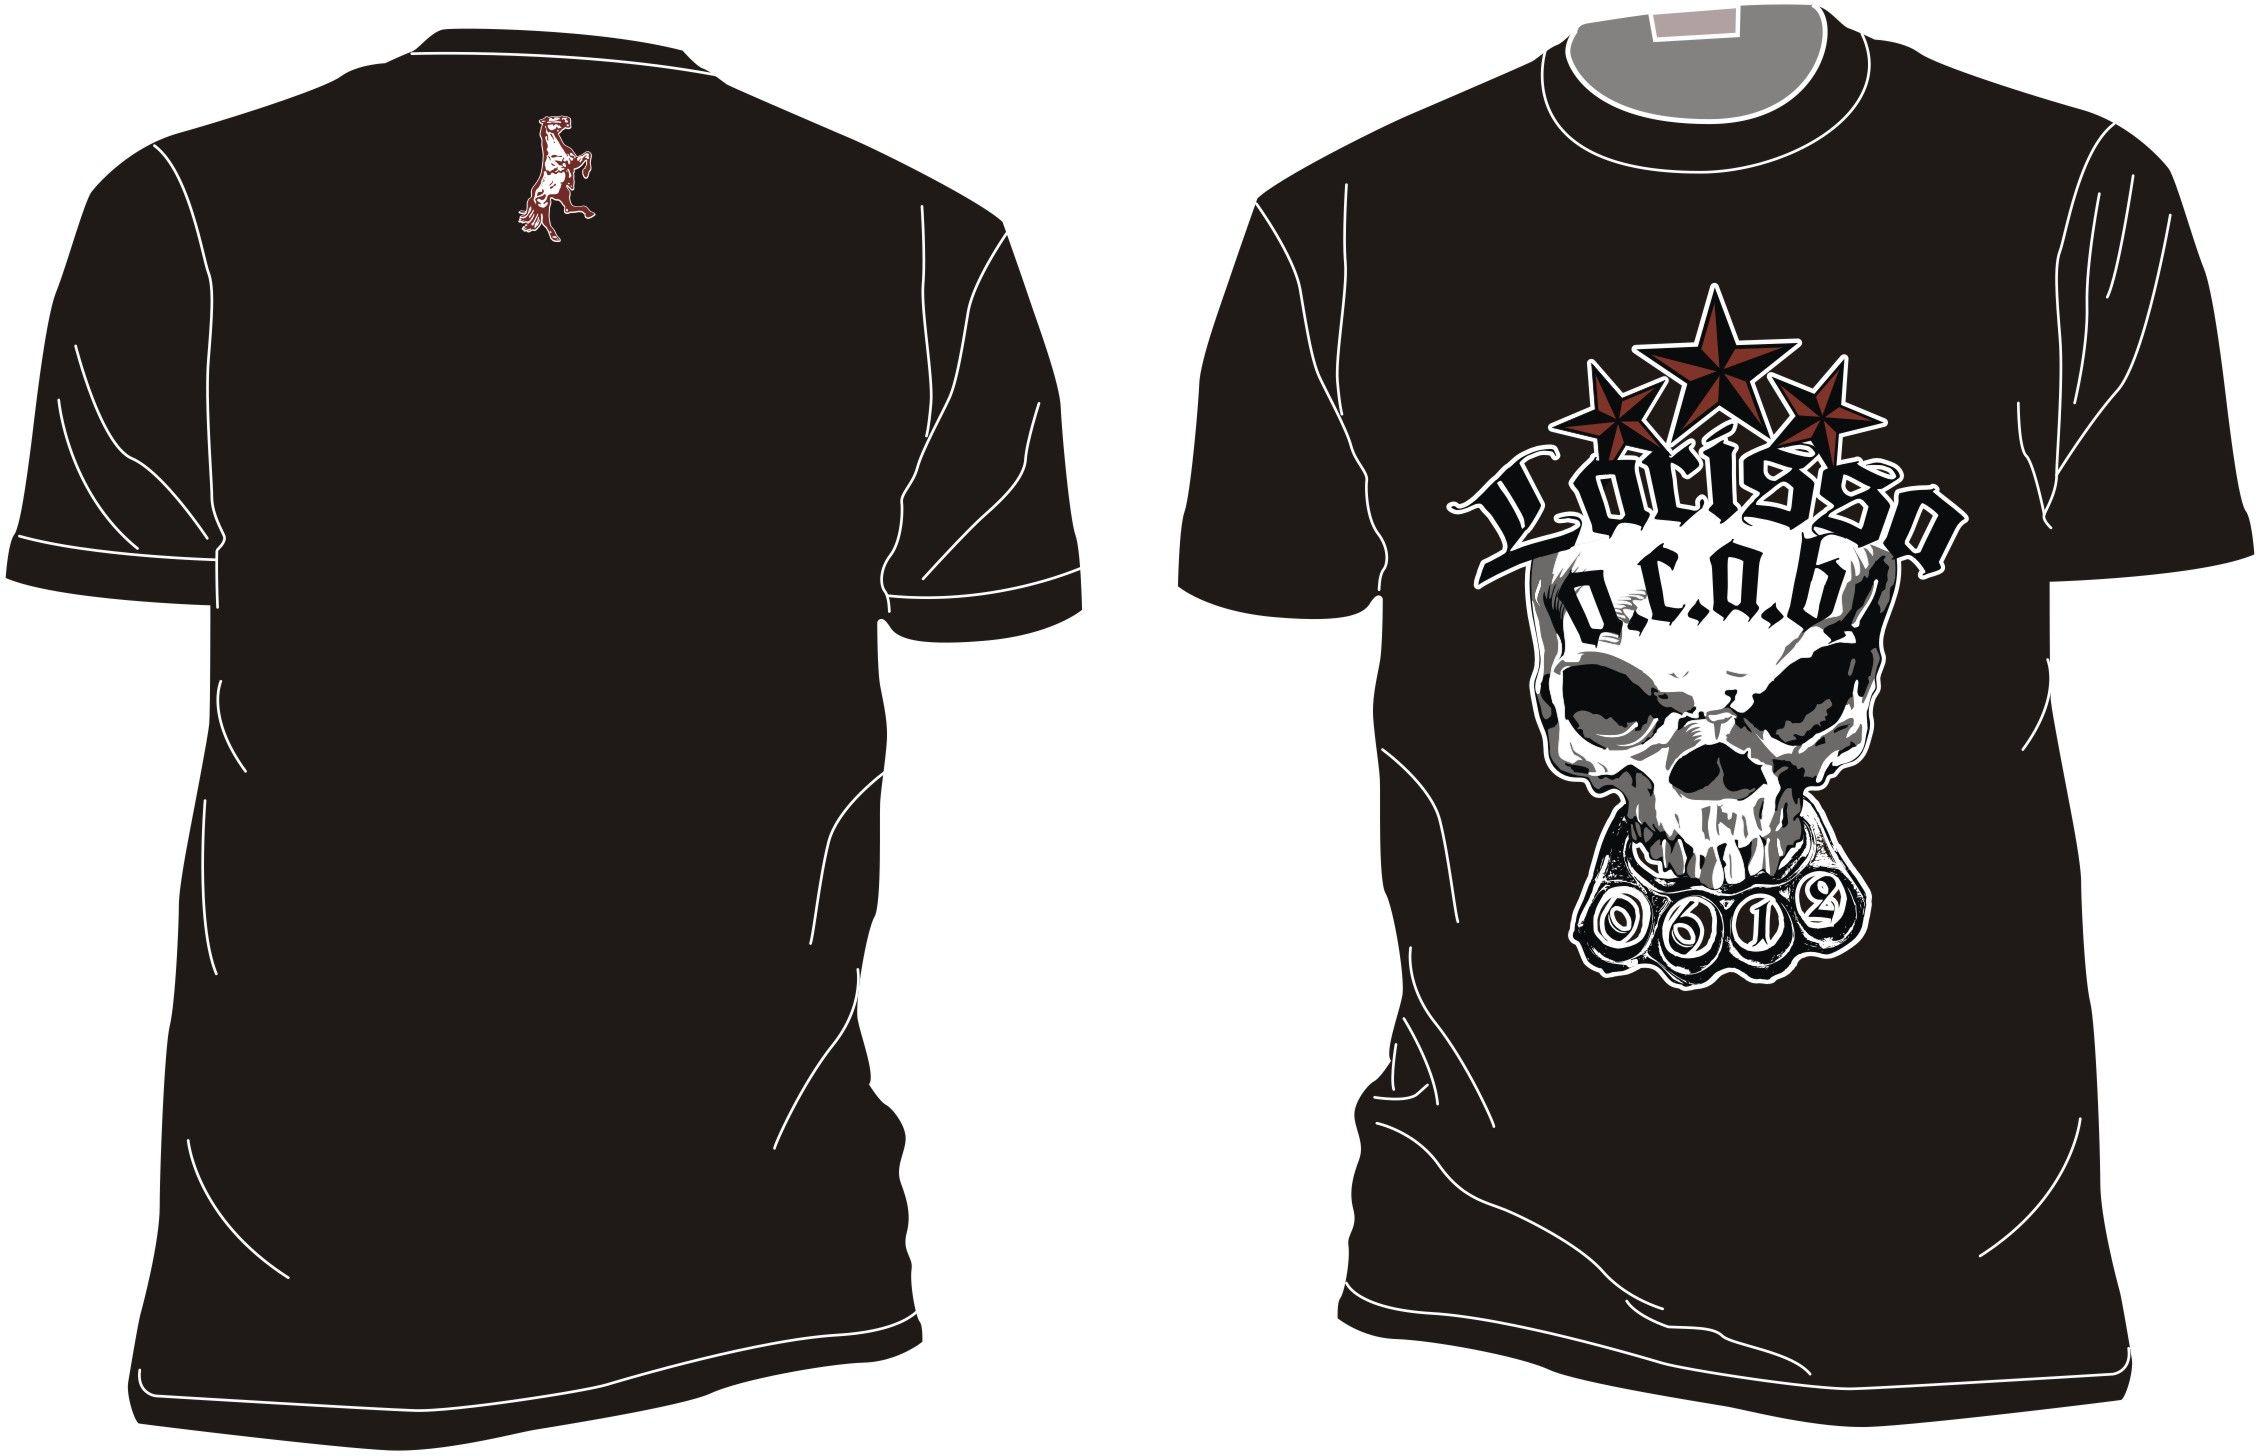 99ae1b9f77cc T-shirt - Interprom - Διαφημιστικά Δώρα